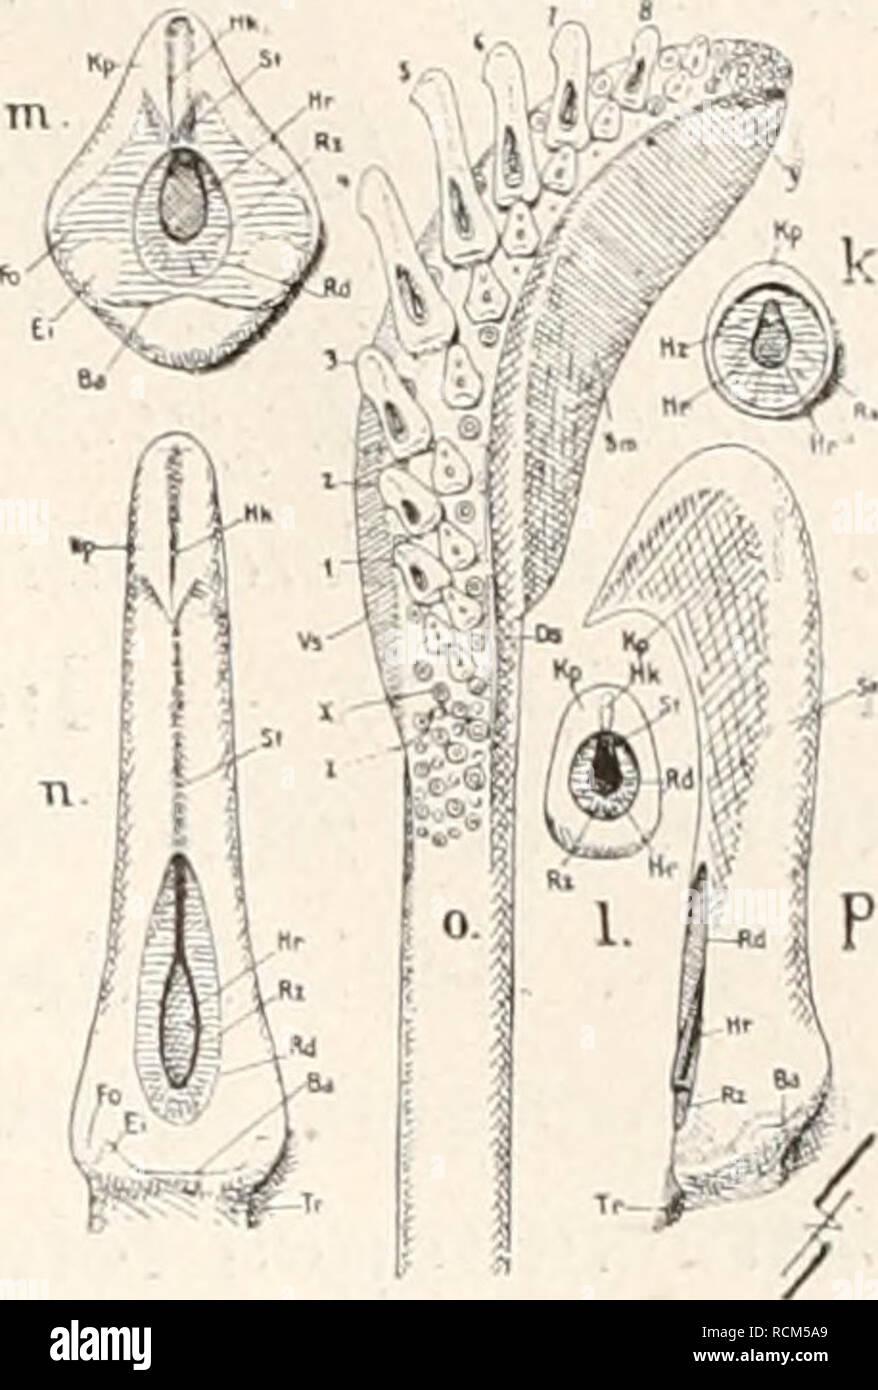 . Die fossilen Tintenfische; eine paläozoologische Monographie. Cephalopoda, fósil. B. Über den Bau der belemnoiden typischen Tintenfische. 189 treten. Auch B. Brughieri hat (VGL. Anders durchaus Passalotciithis)- artige Haken formulario (Huxley 1864) als Ac. Speciosa. Doch ist eine Untersuchung über die Verwertbarkeit vergleichende dieser Merk- macho erst auf Grund neuen, Materiales reicheren zu erwarten. f. Montar IC c i i. c. Fig. 68. Zur Morphologie der Haken ' bei fossilen und rezenten Decapoden. una problematica Acanthoteitfhis von Dai- ting (p. 151). *Yr b Acanthoteitthis speciosa von Solnhofen (p. Foto de stock